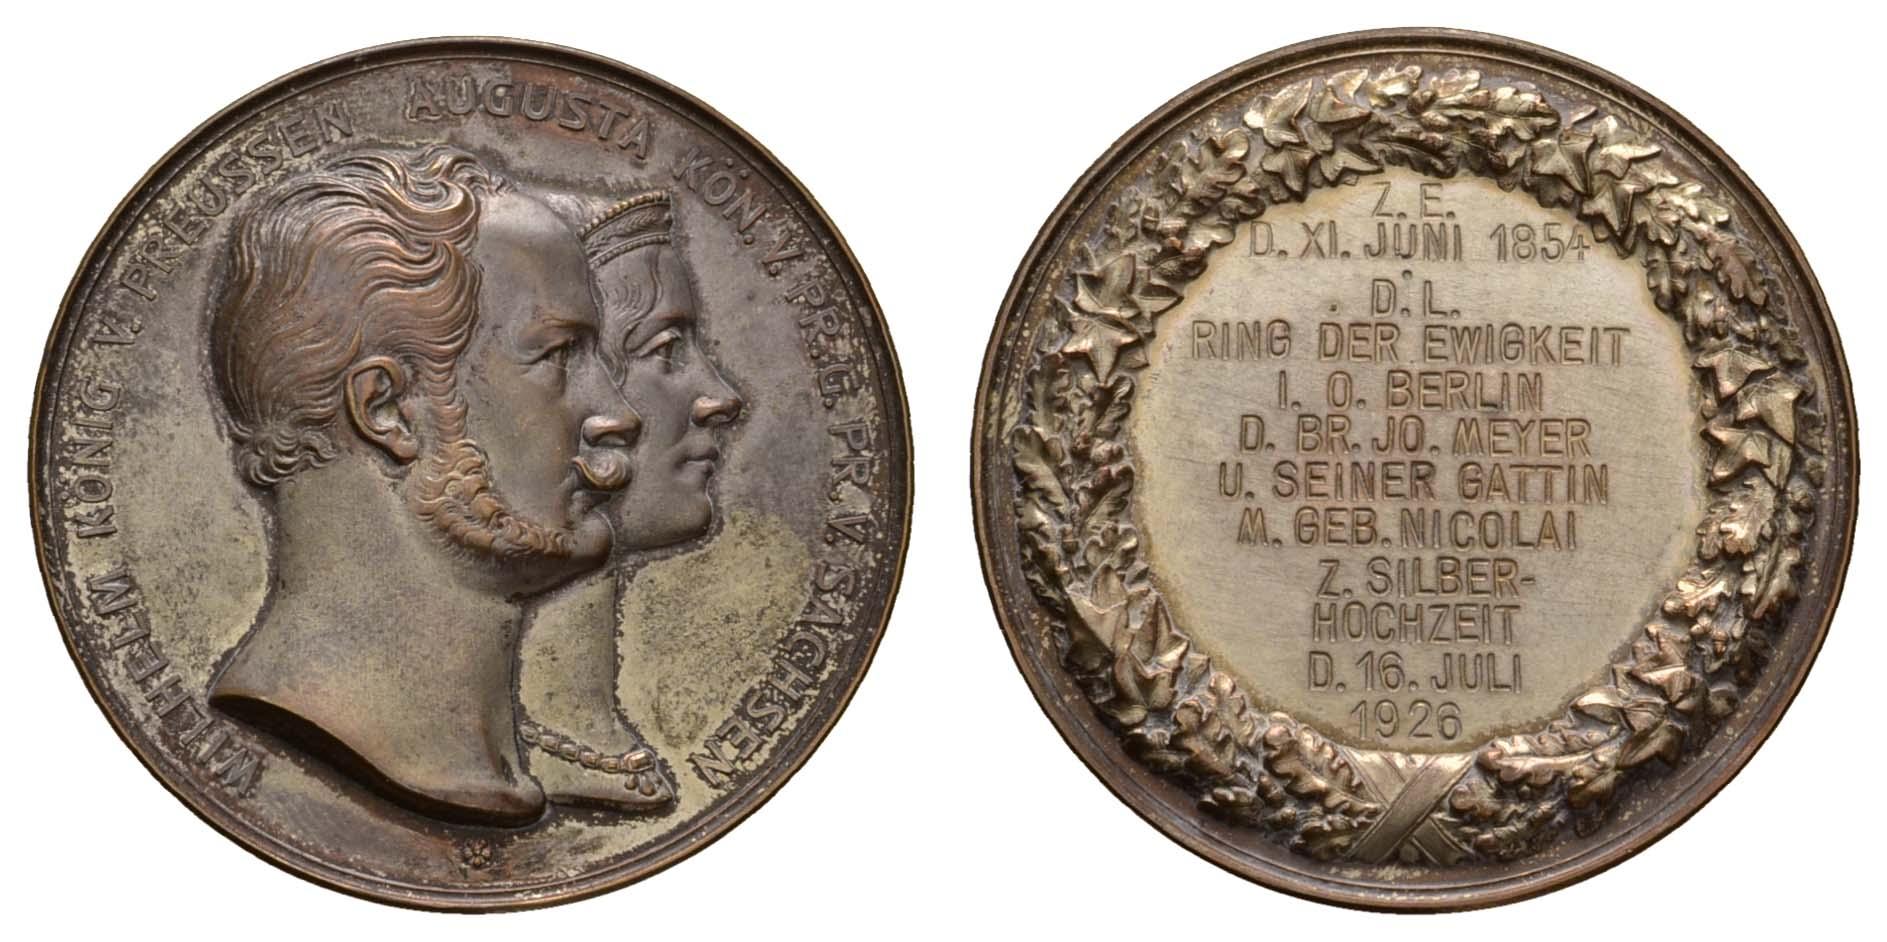 Lot 2243 - medaillen Sonstige Medaillen - Deutschland -  Auktionshaus Ulrich Felzmann GmbH & Co. KG Coins single lots